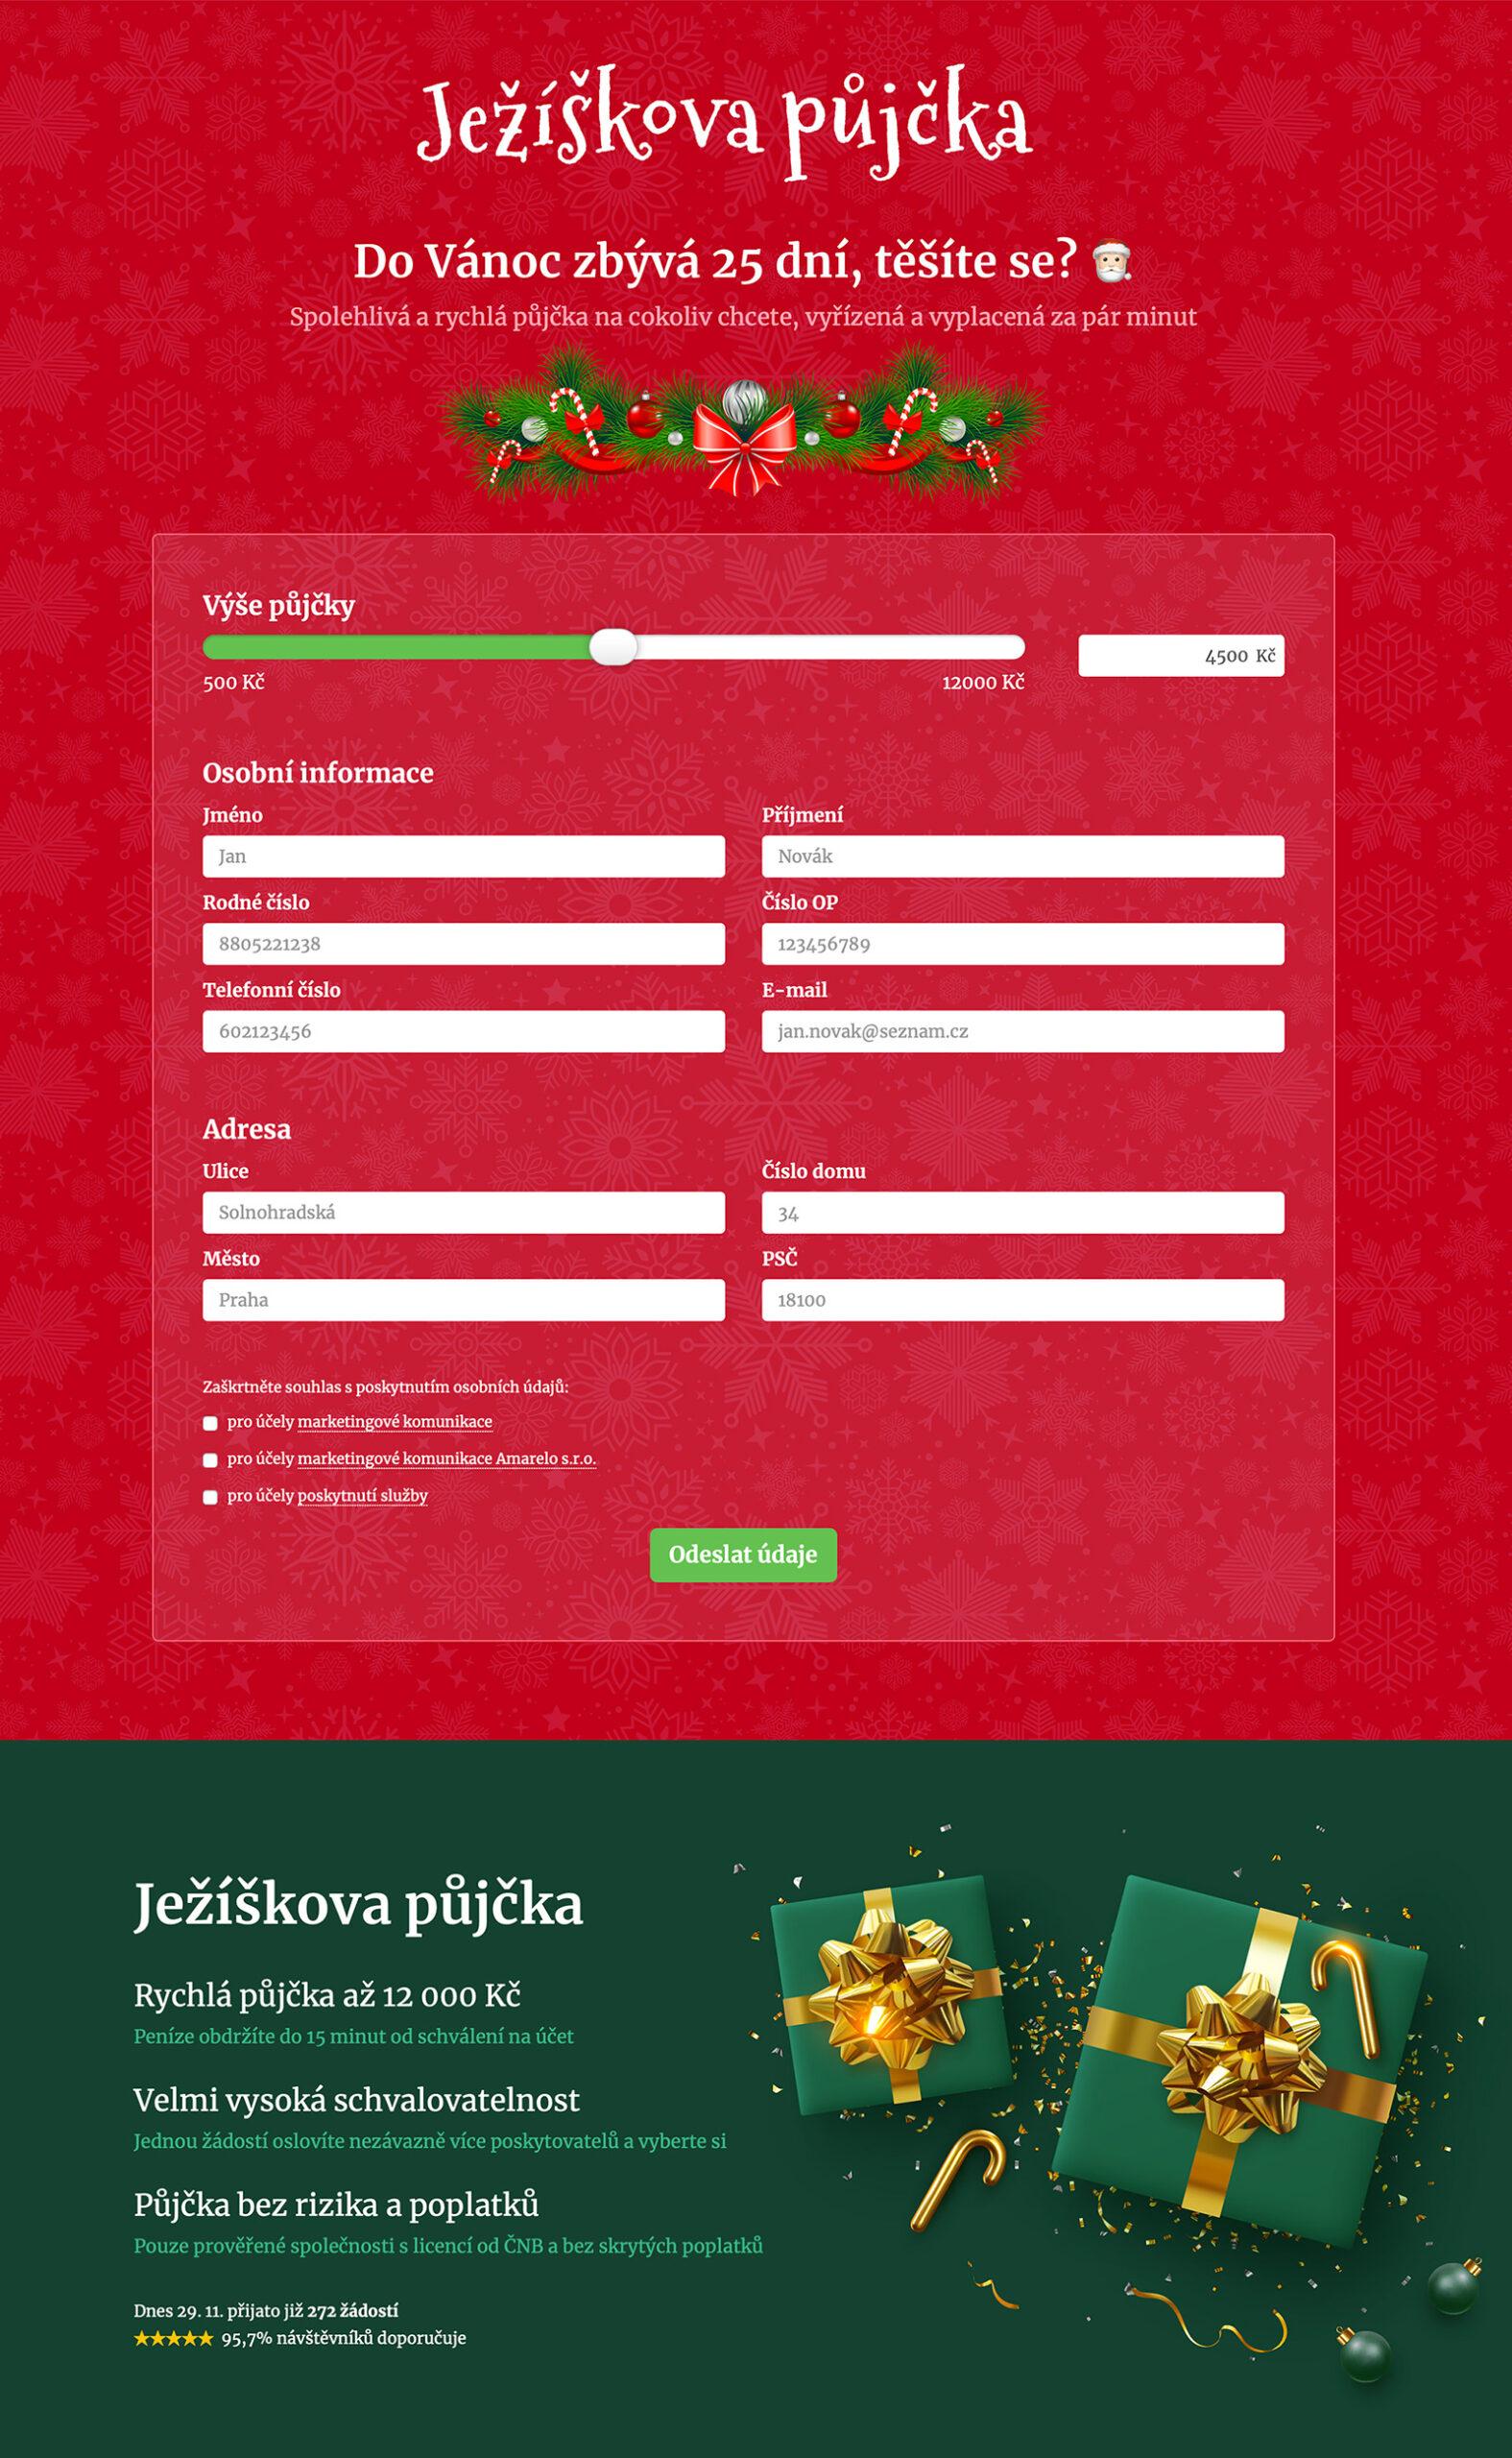 www.jeziskovapujcka.cz